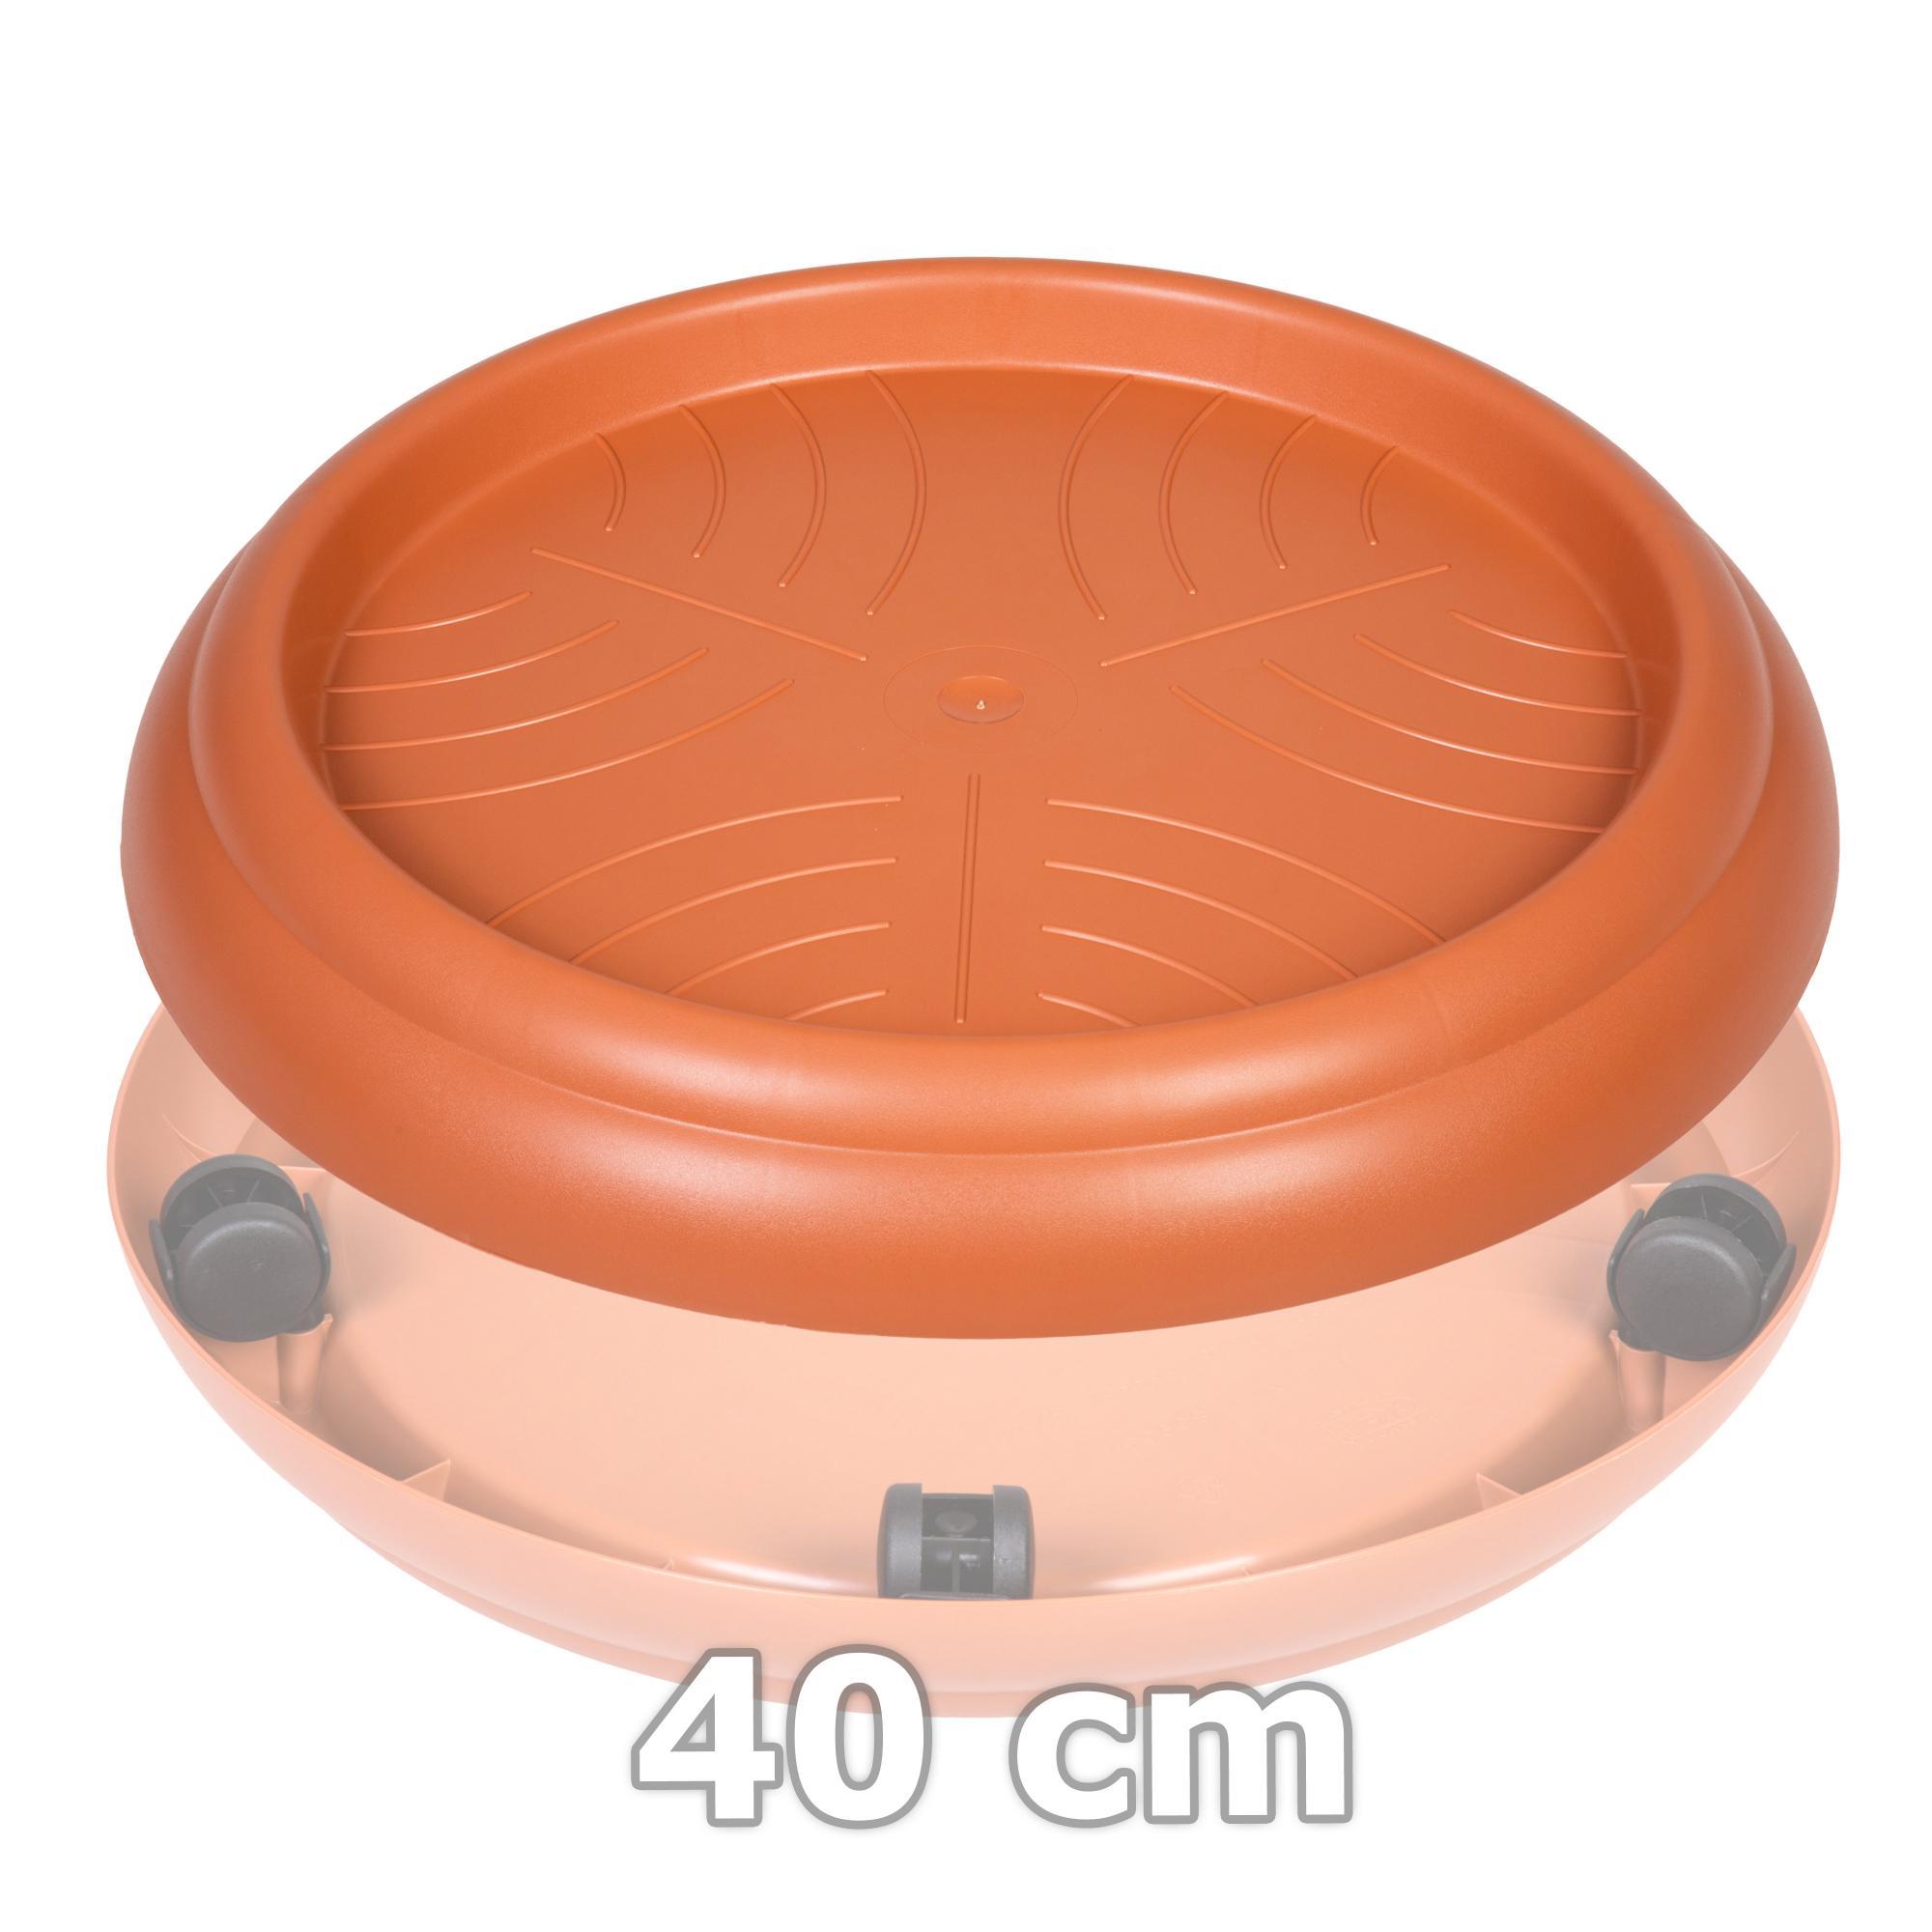 untersetzer 29/40 cm terracotta mit rollen rollenuntersetzer